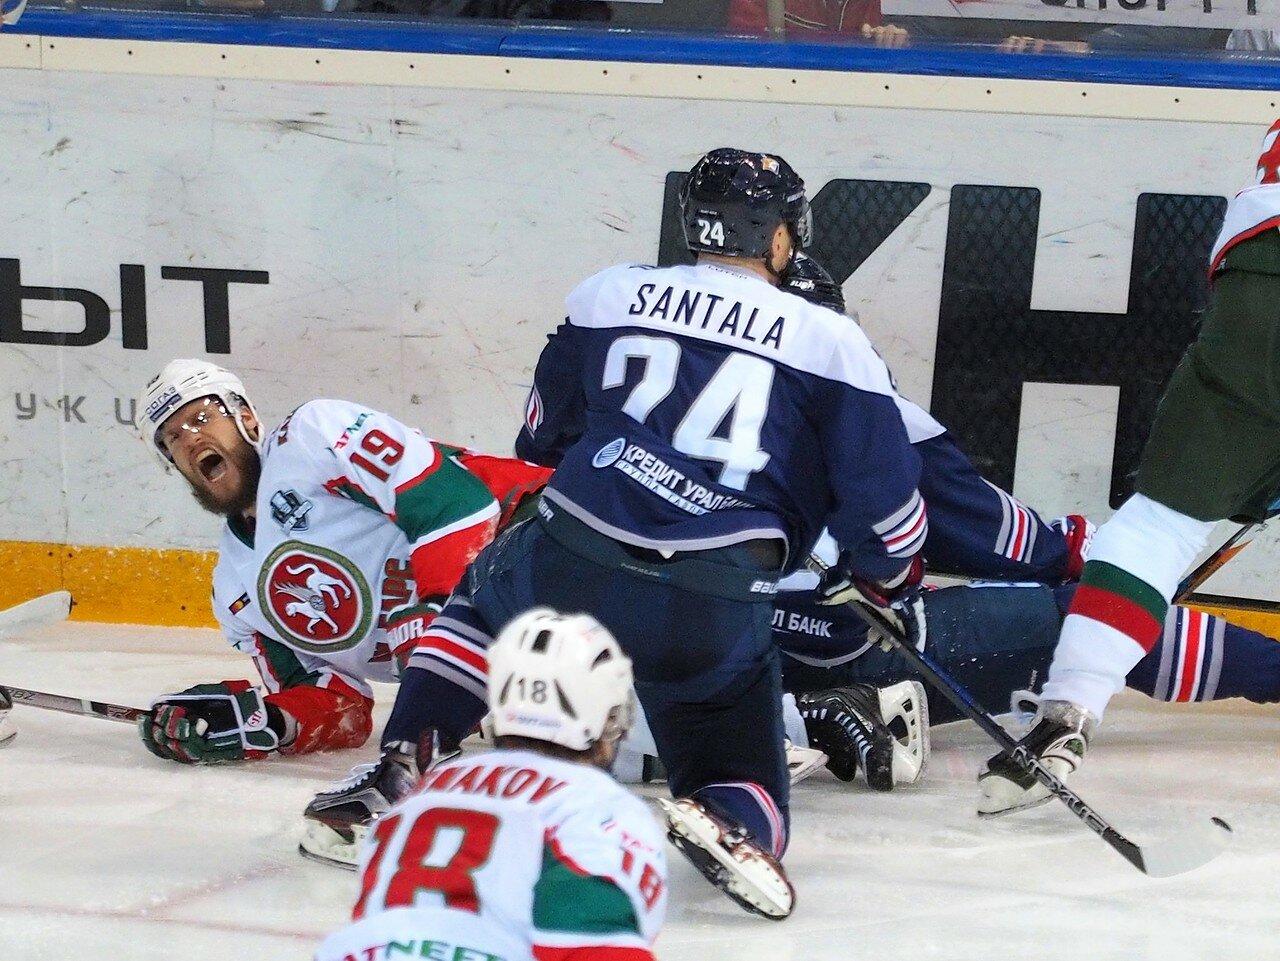 39 Первая игра финала плей-офф восточной конференции 2017 Металлург - АкБарс 24.03.2017